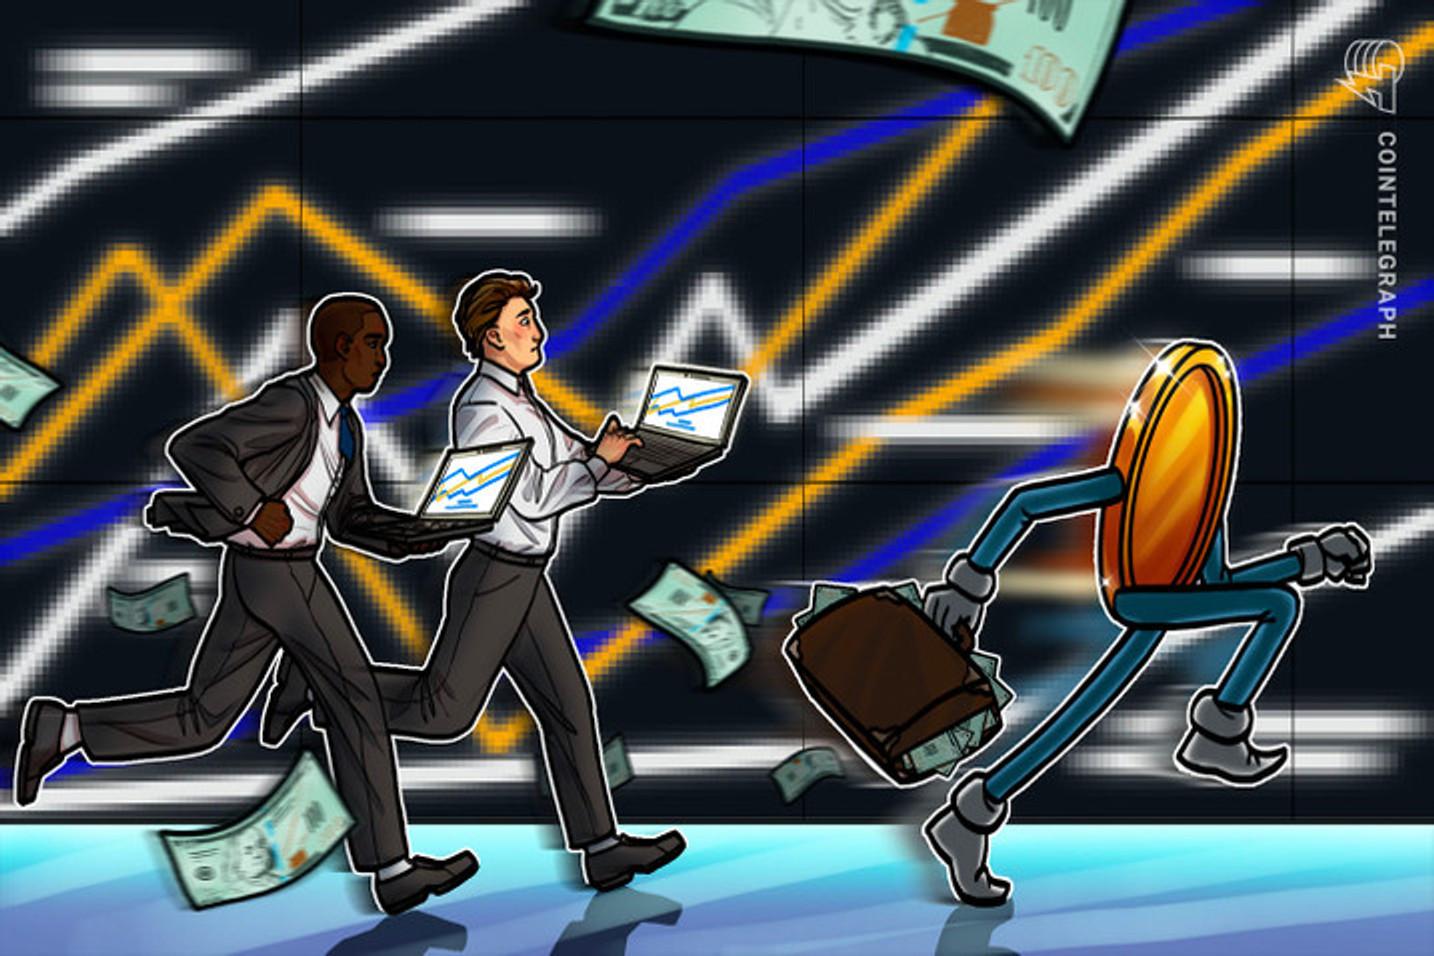 Bitcoin caindo, bolsa em tempestade: 'Momento é de cautela e não de desespero', destacam especialistas